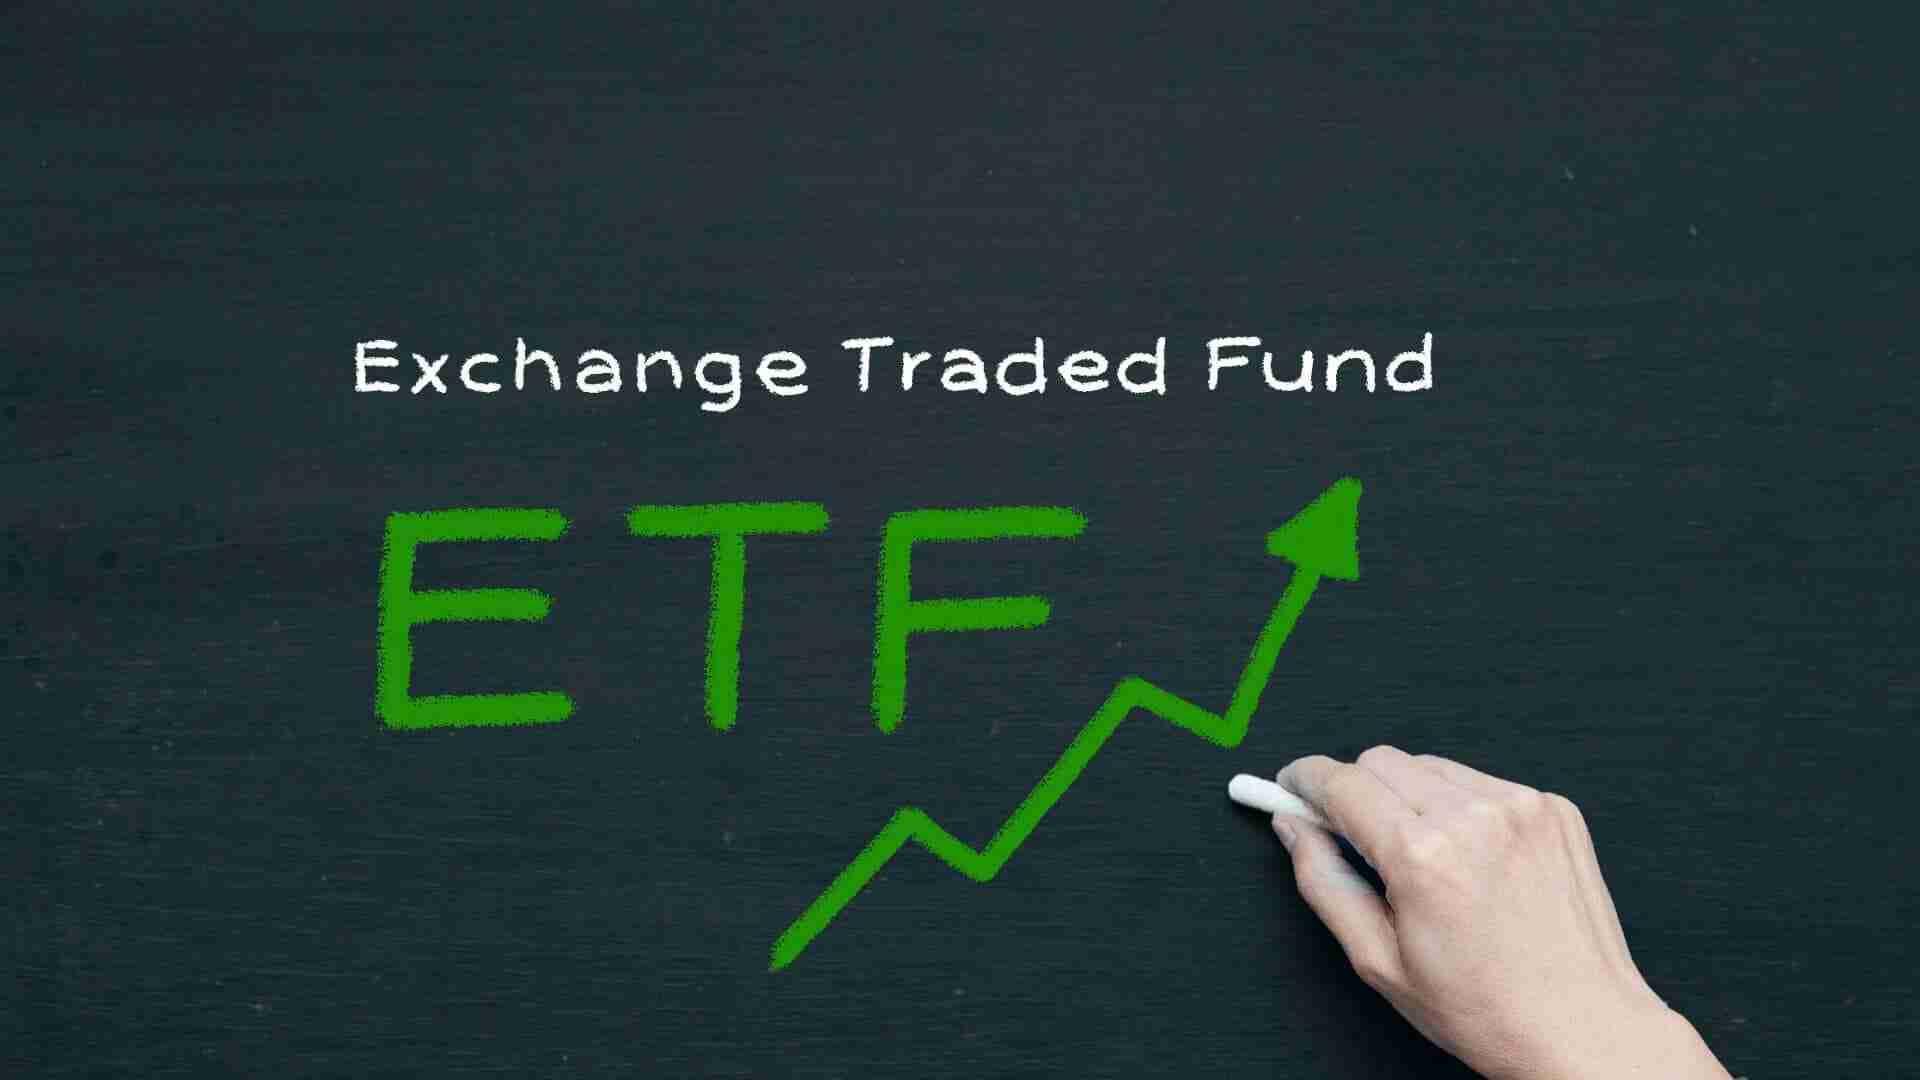 ETF - Finanzberatung zur erfolgreichen Kapital- und Geldanlage in ETF